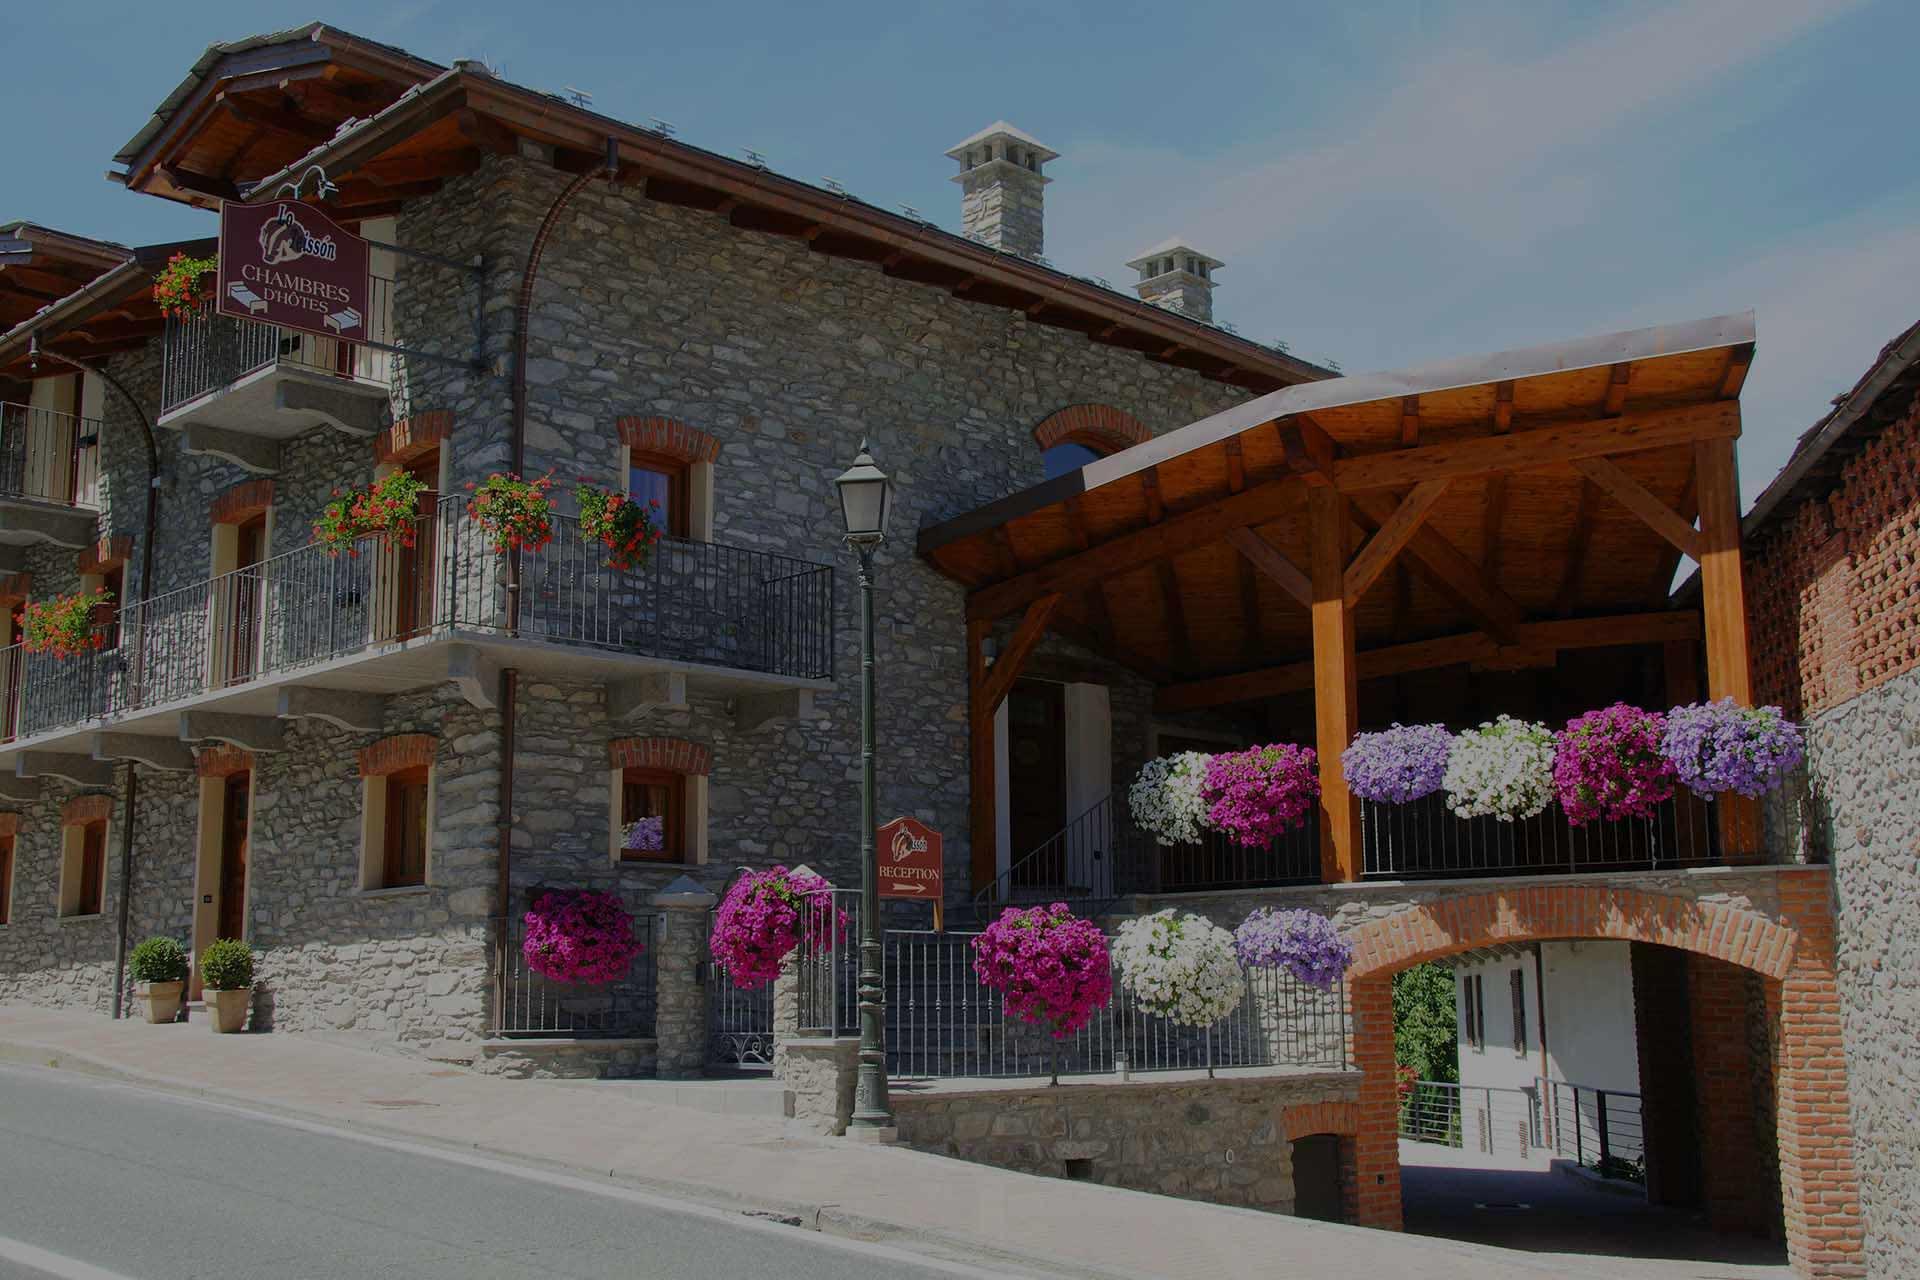 b&b Aosta Lo teisson